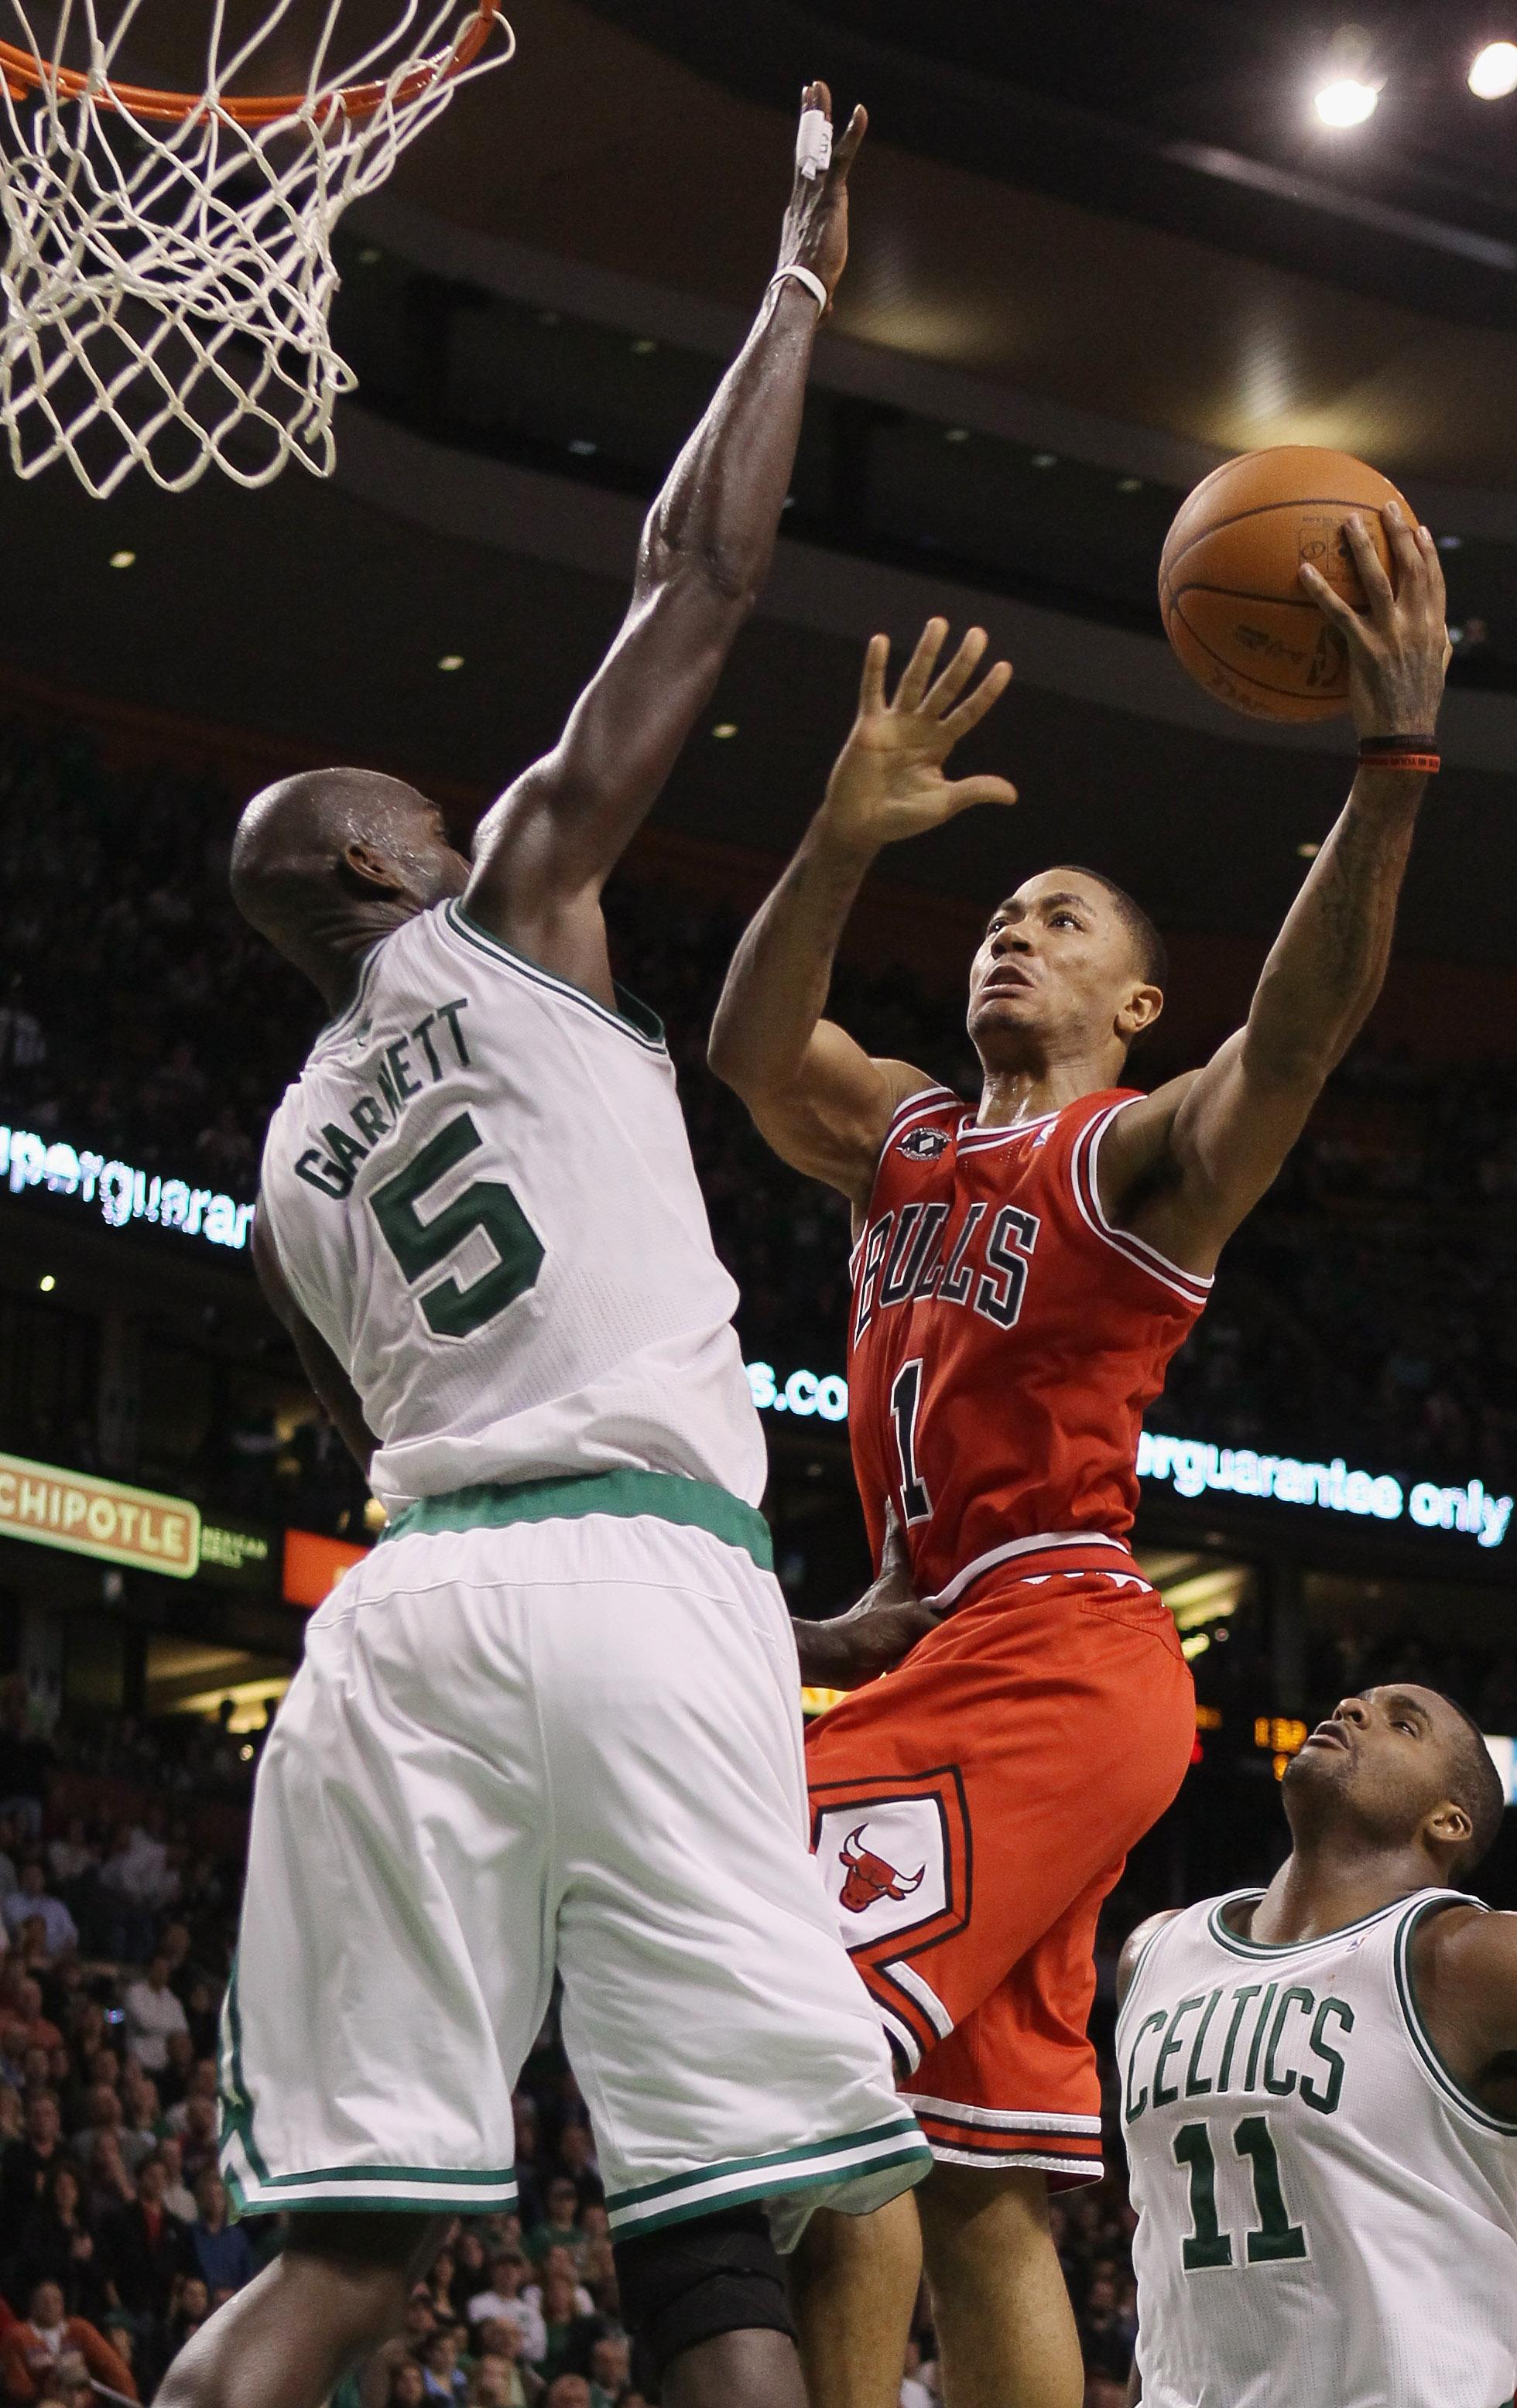 BOSTON - NOVEMBER 05:  Derrick Rose #1 of the Chicago Bulls takes a shot as Kevin Garnett #5 of the Boston Celtics on November 5, 2010 at the TD Garden in Boston, Massachusetts. The Celtics defeated the Bulls 110-105 in overtime. NOTE TO USER: User expres